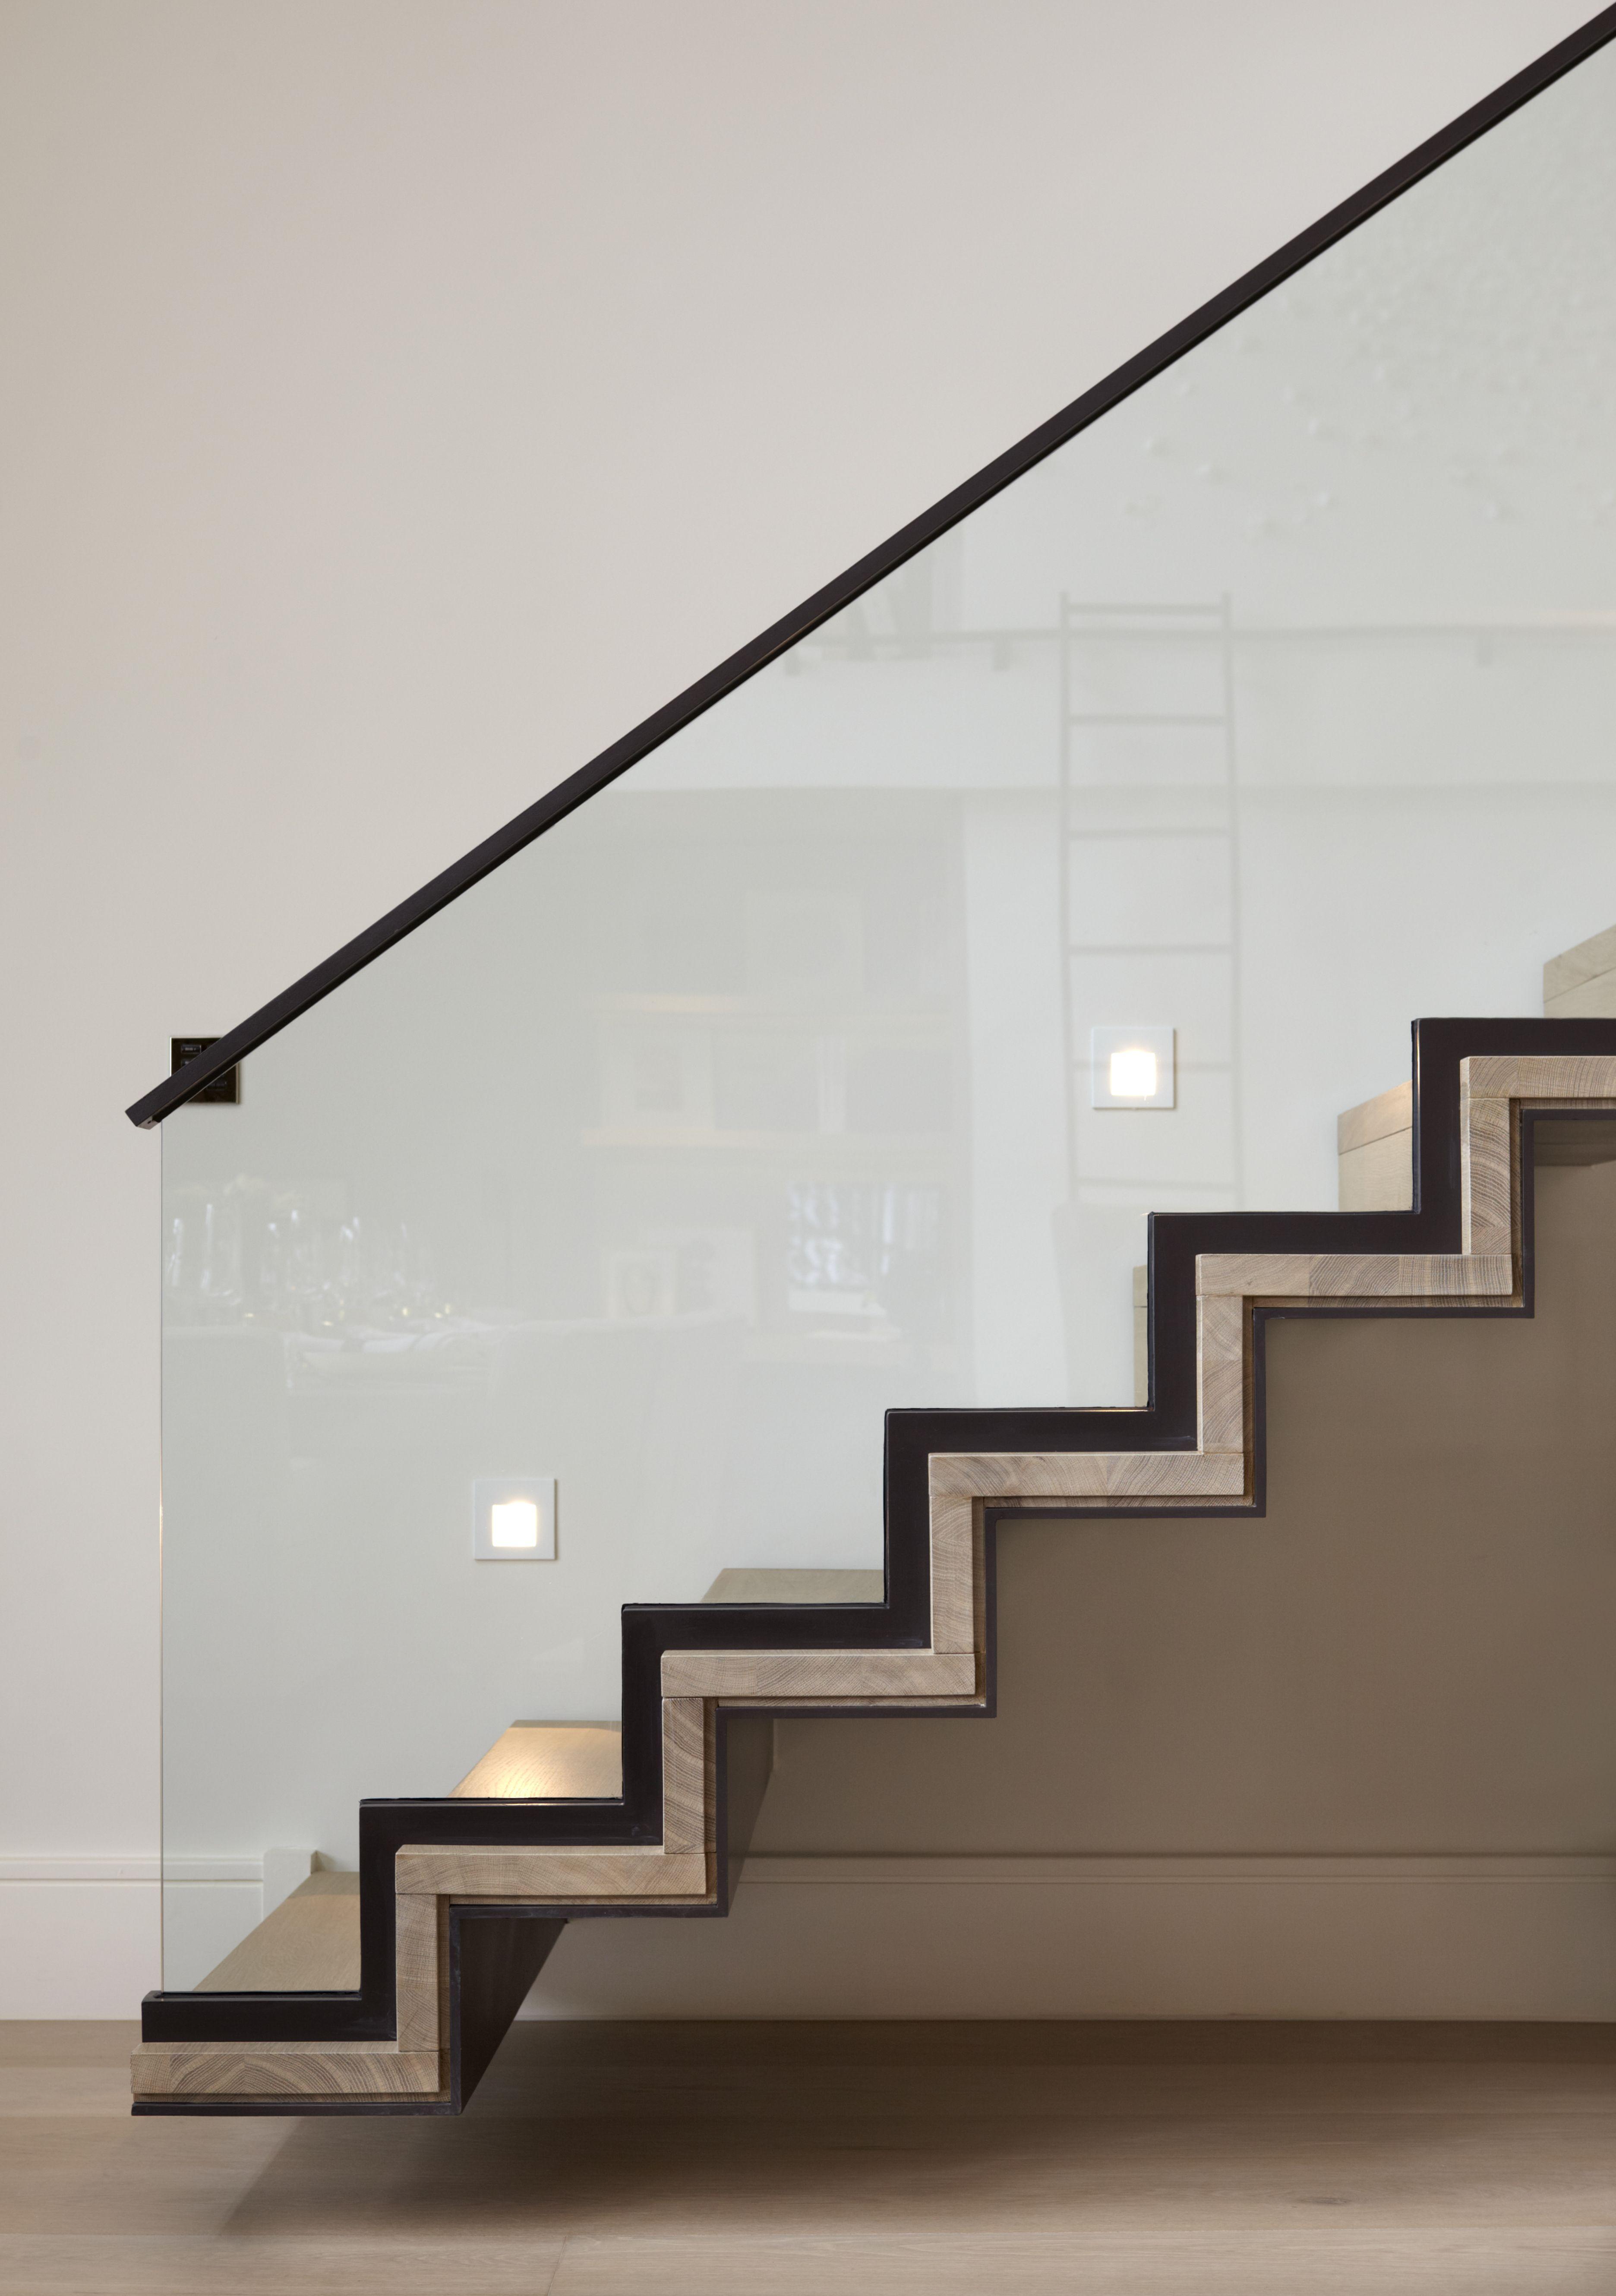 Helengreendesign C Helen Green Design Interior